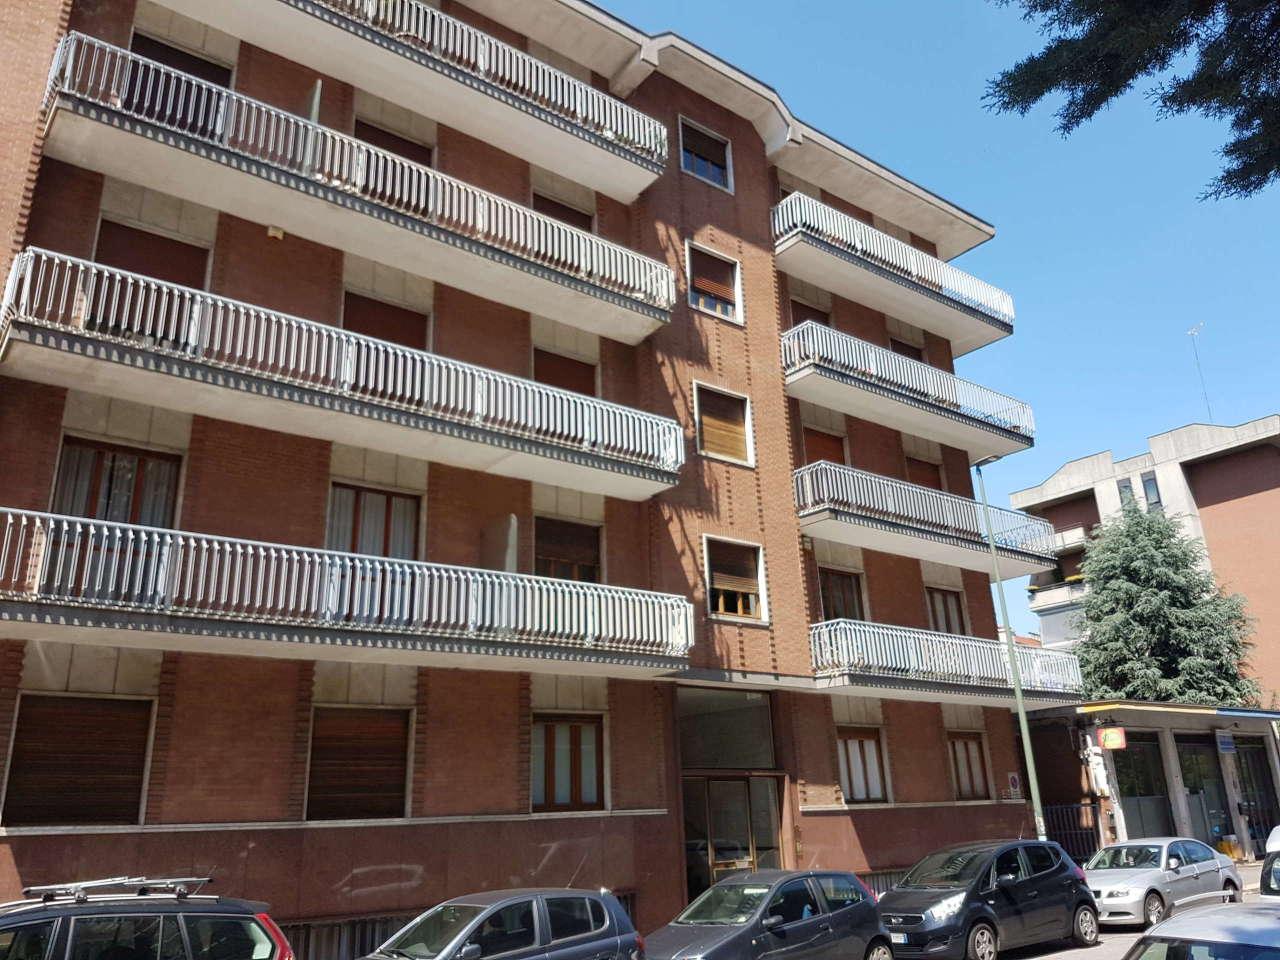 Ufficio a Parella, Torino Rif. 9505709